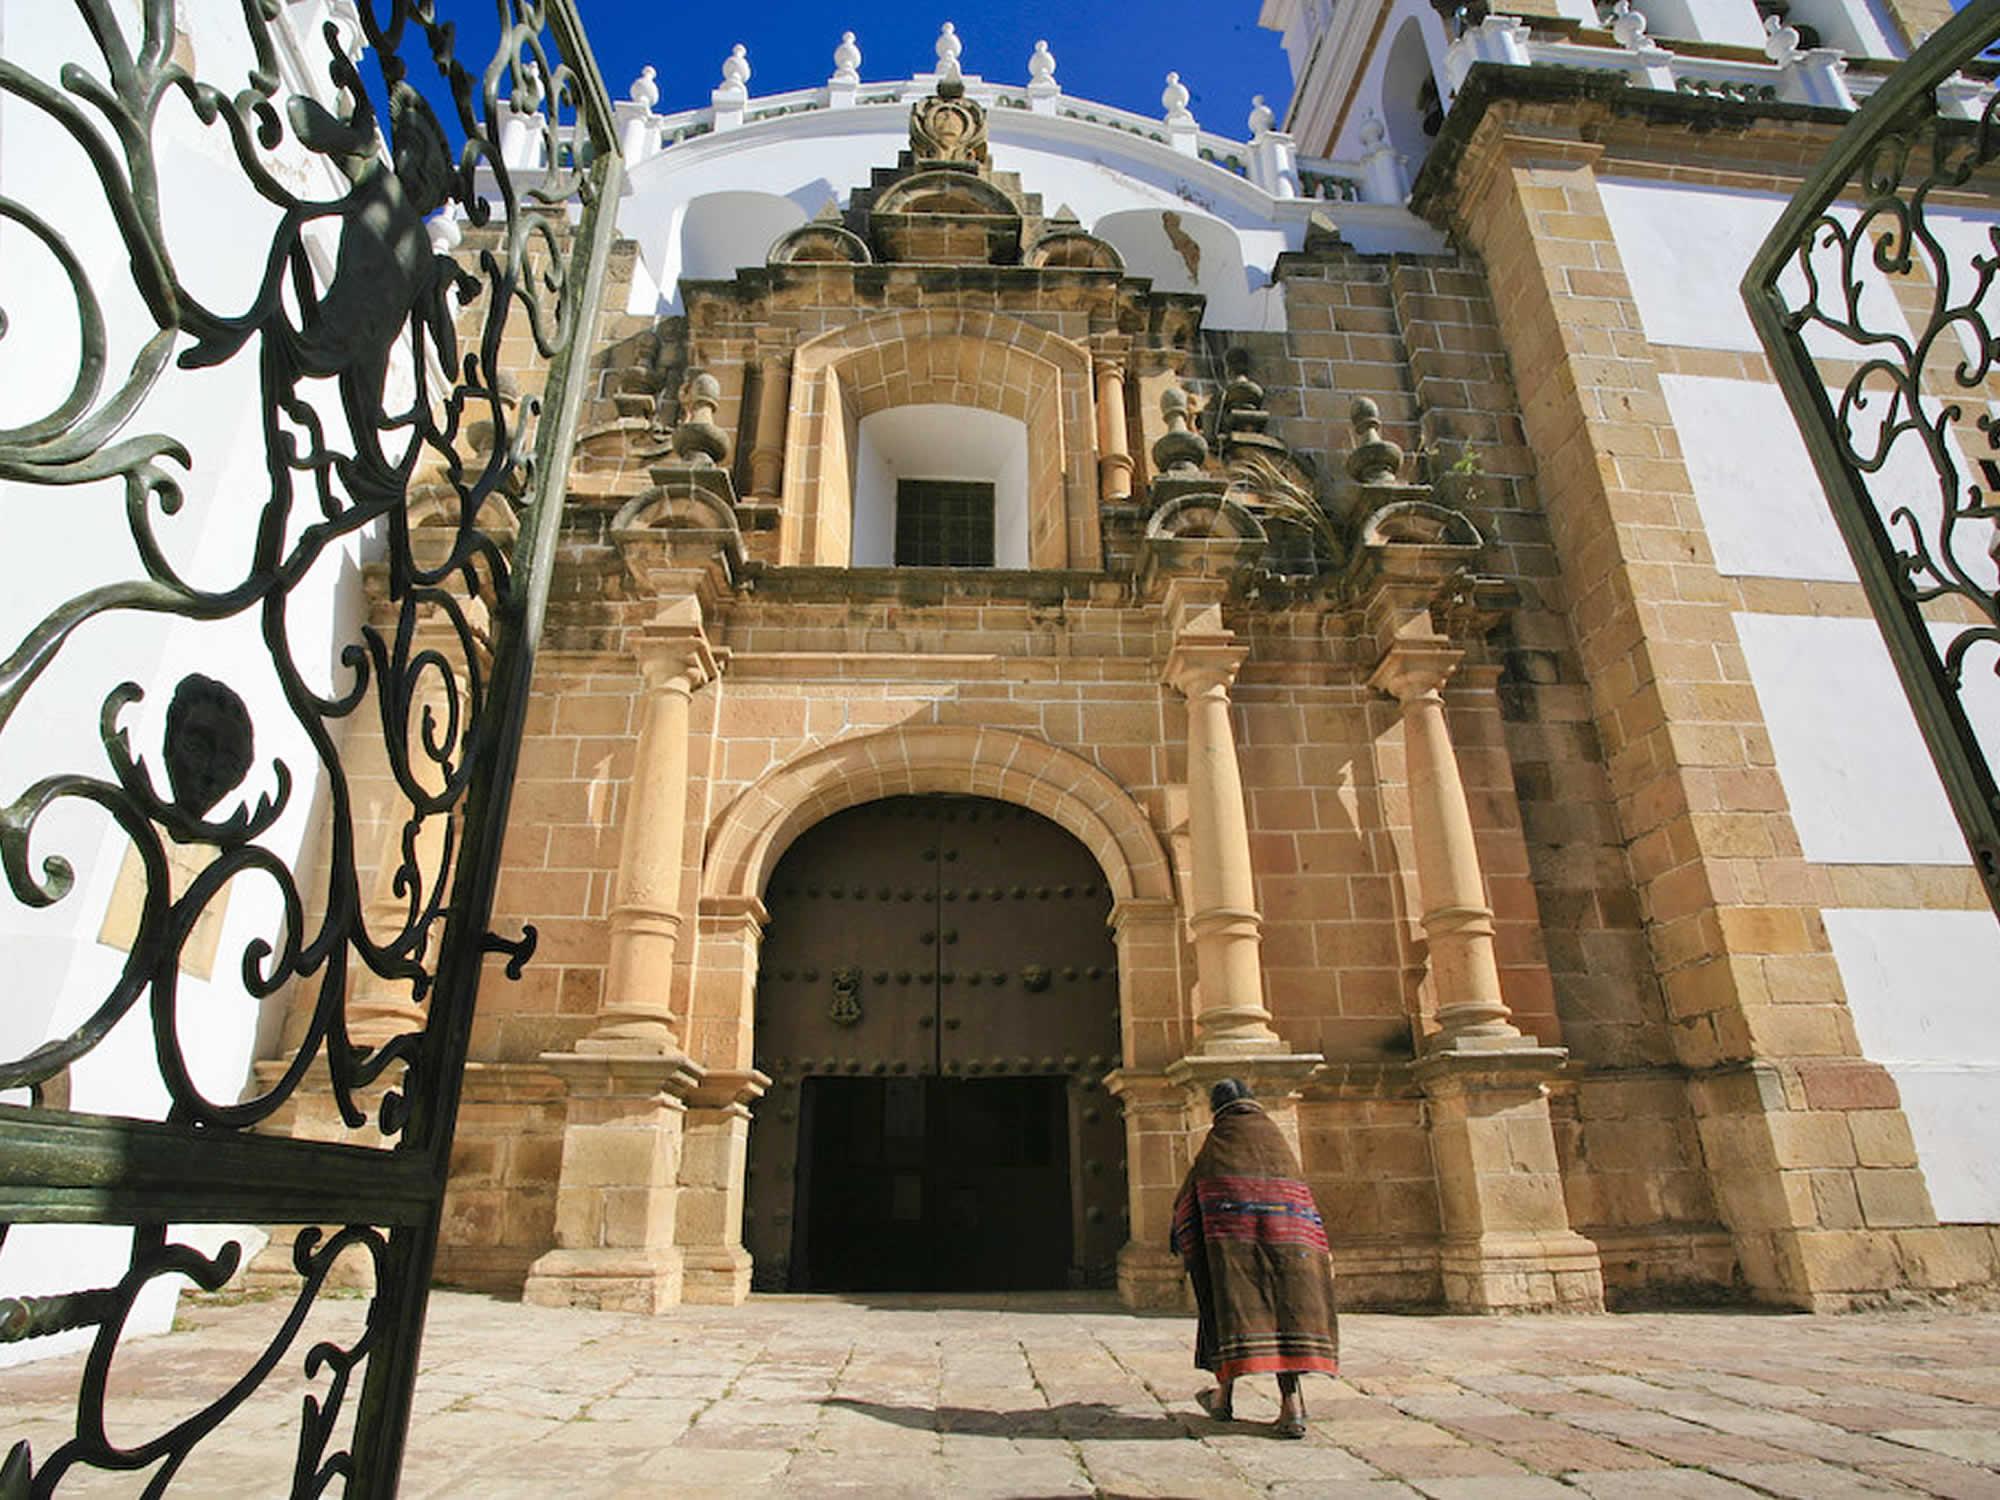 Custom Sucre and Potosí Tour